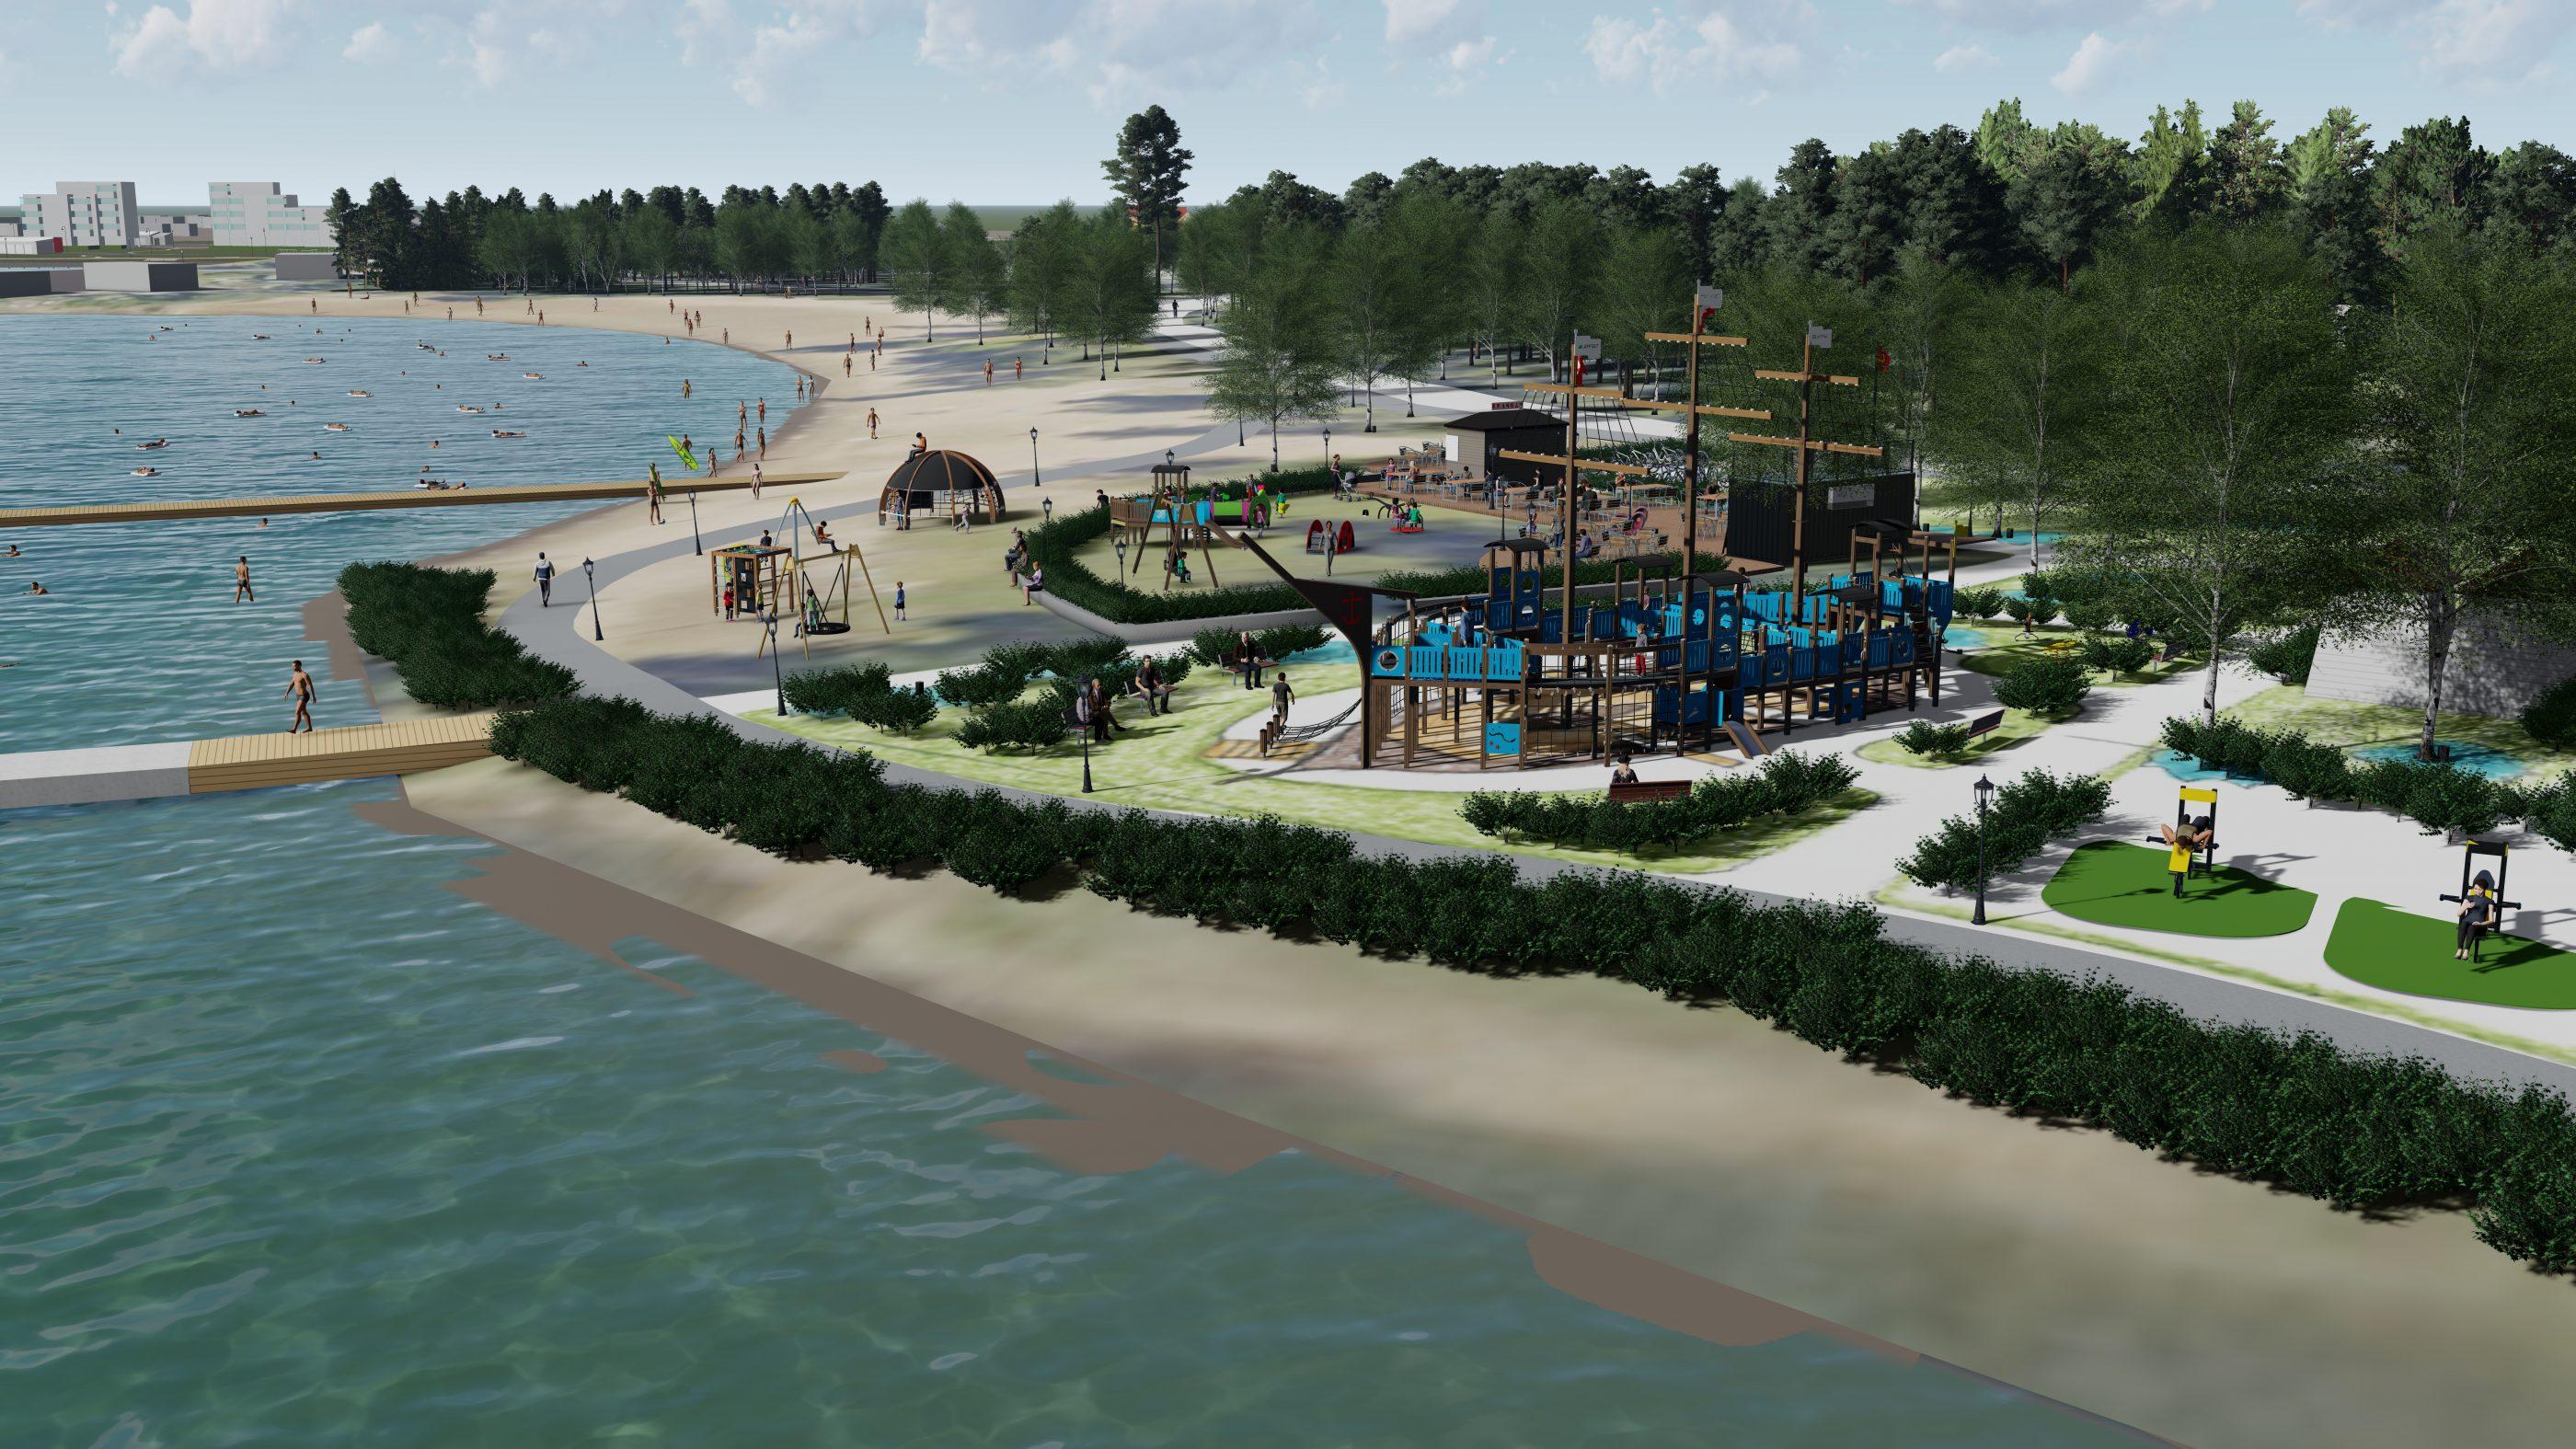 Snellman lahjoittaa Pietarsaareen leikki- ja liikuntapuiston 70-vuotisjuhlansa kunniaksi